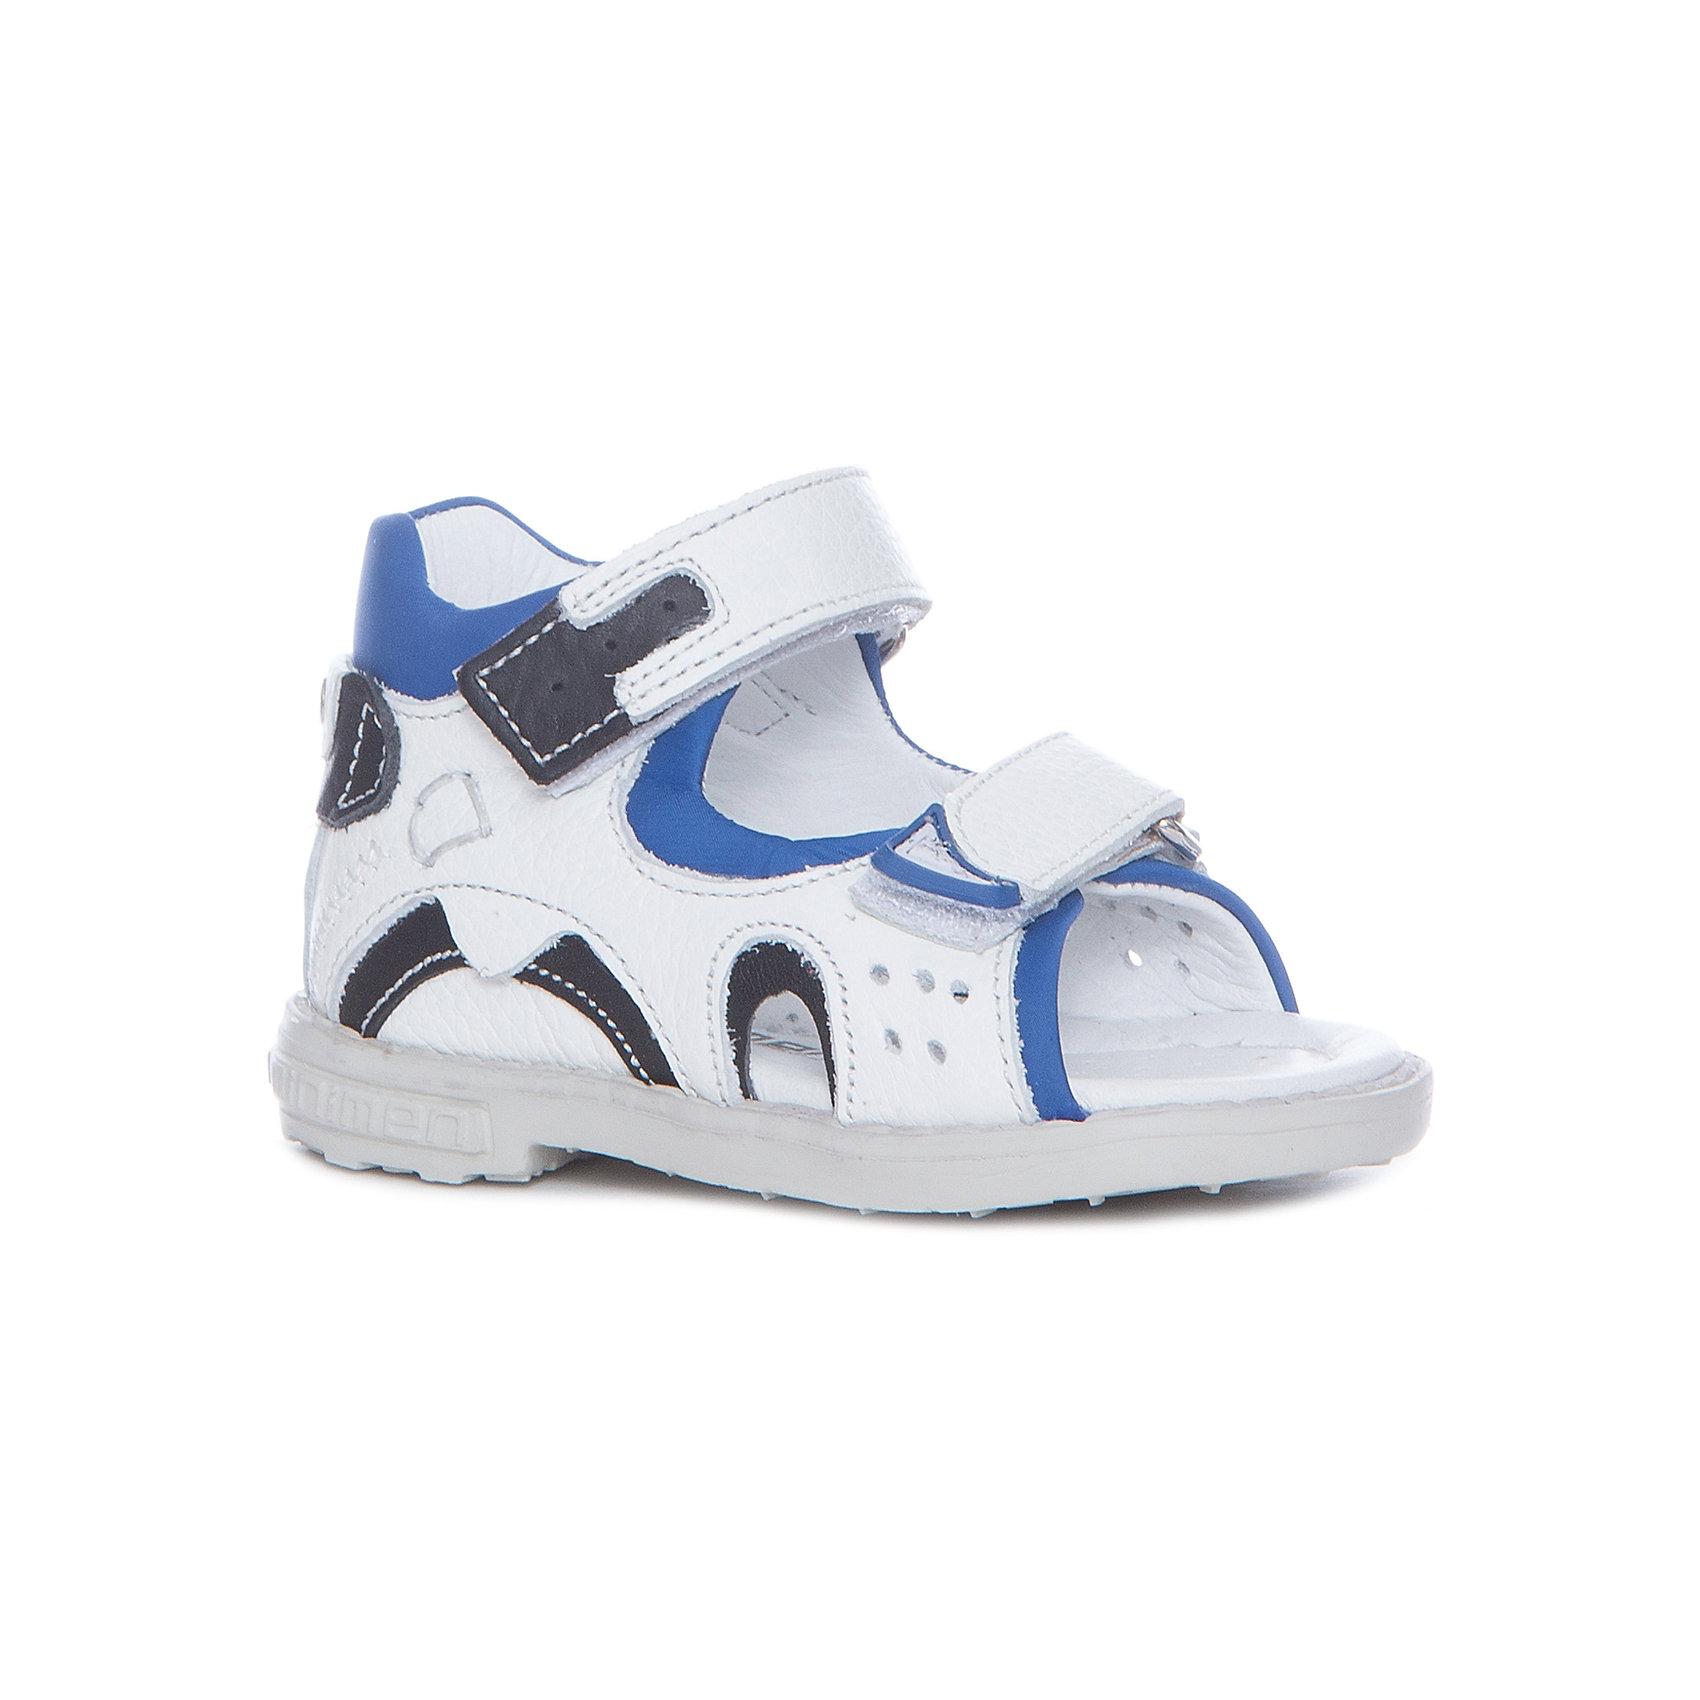 Сандалеты для мальчика MINIMENОртопедическая обувь<br>Сандалеты для мальчика MINIMEN<br>Состав: верх-натуральная кожа-100%,подклад-текстиль,стелька-натуральная кожа 100%,подошва-полеуретан<br><br>Ширина мм: 219<br>Глубина мм: 154<br>Высота мм: 121<br>Вес г: 343<br>Цвет: разноцветный<br>Возраст от месяцев: 21<br>Возраст до месяцев: 24<br>Пол: Мужской<br>Возраст: Детский<br>Размер: 24,18,25,23,22,21,20,19<br>SKU: 5360189